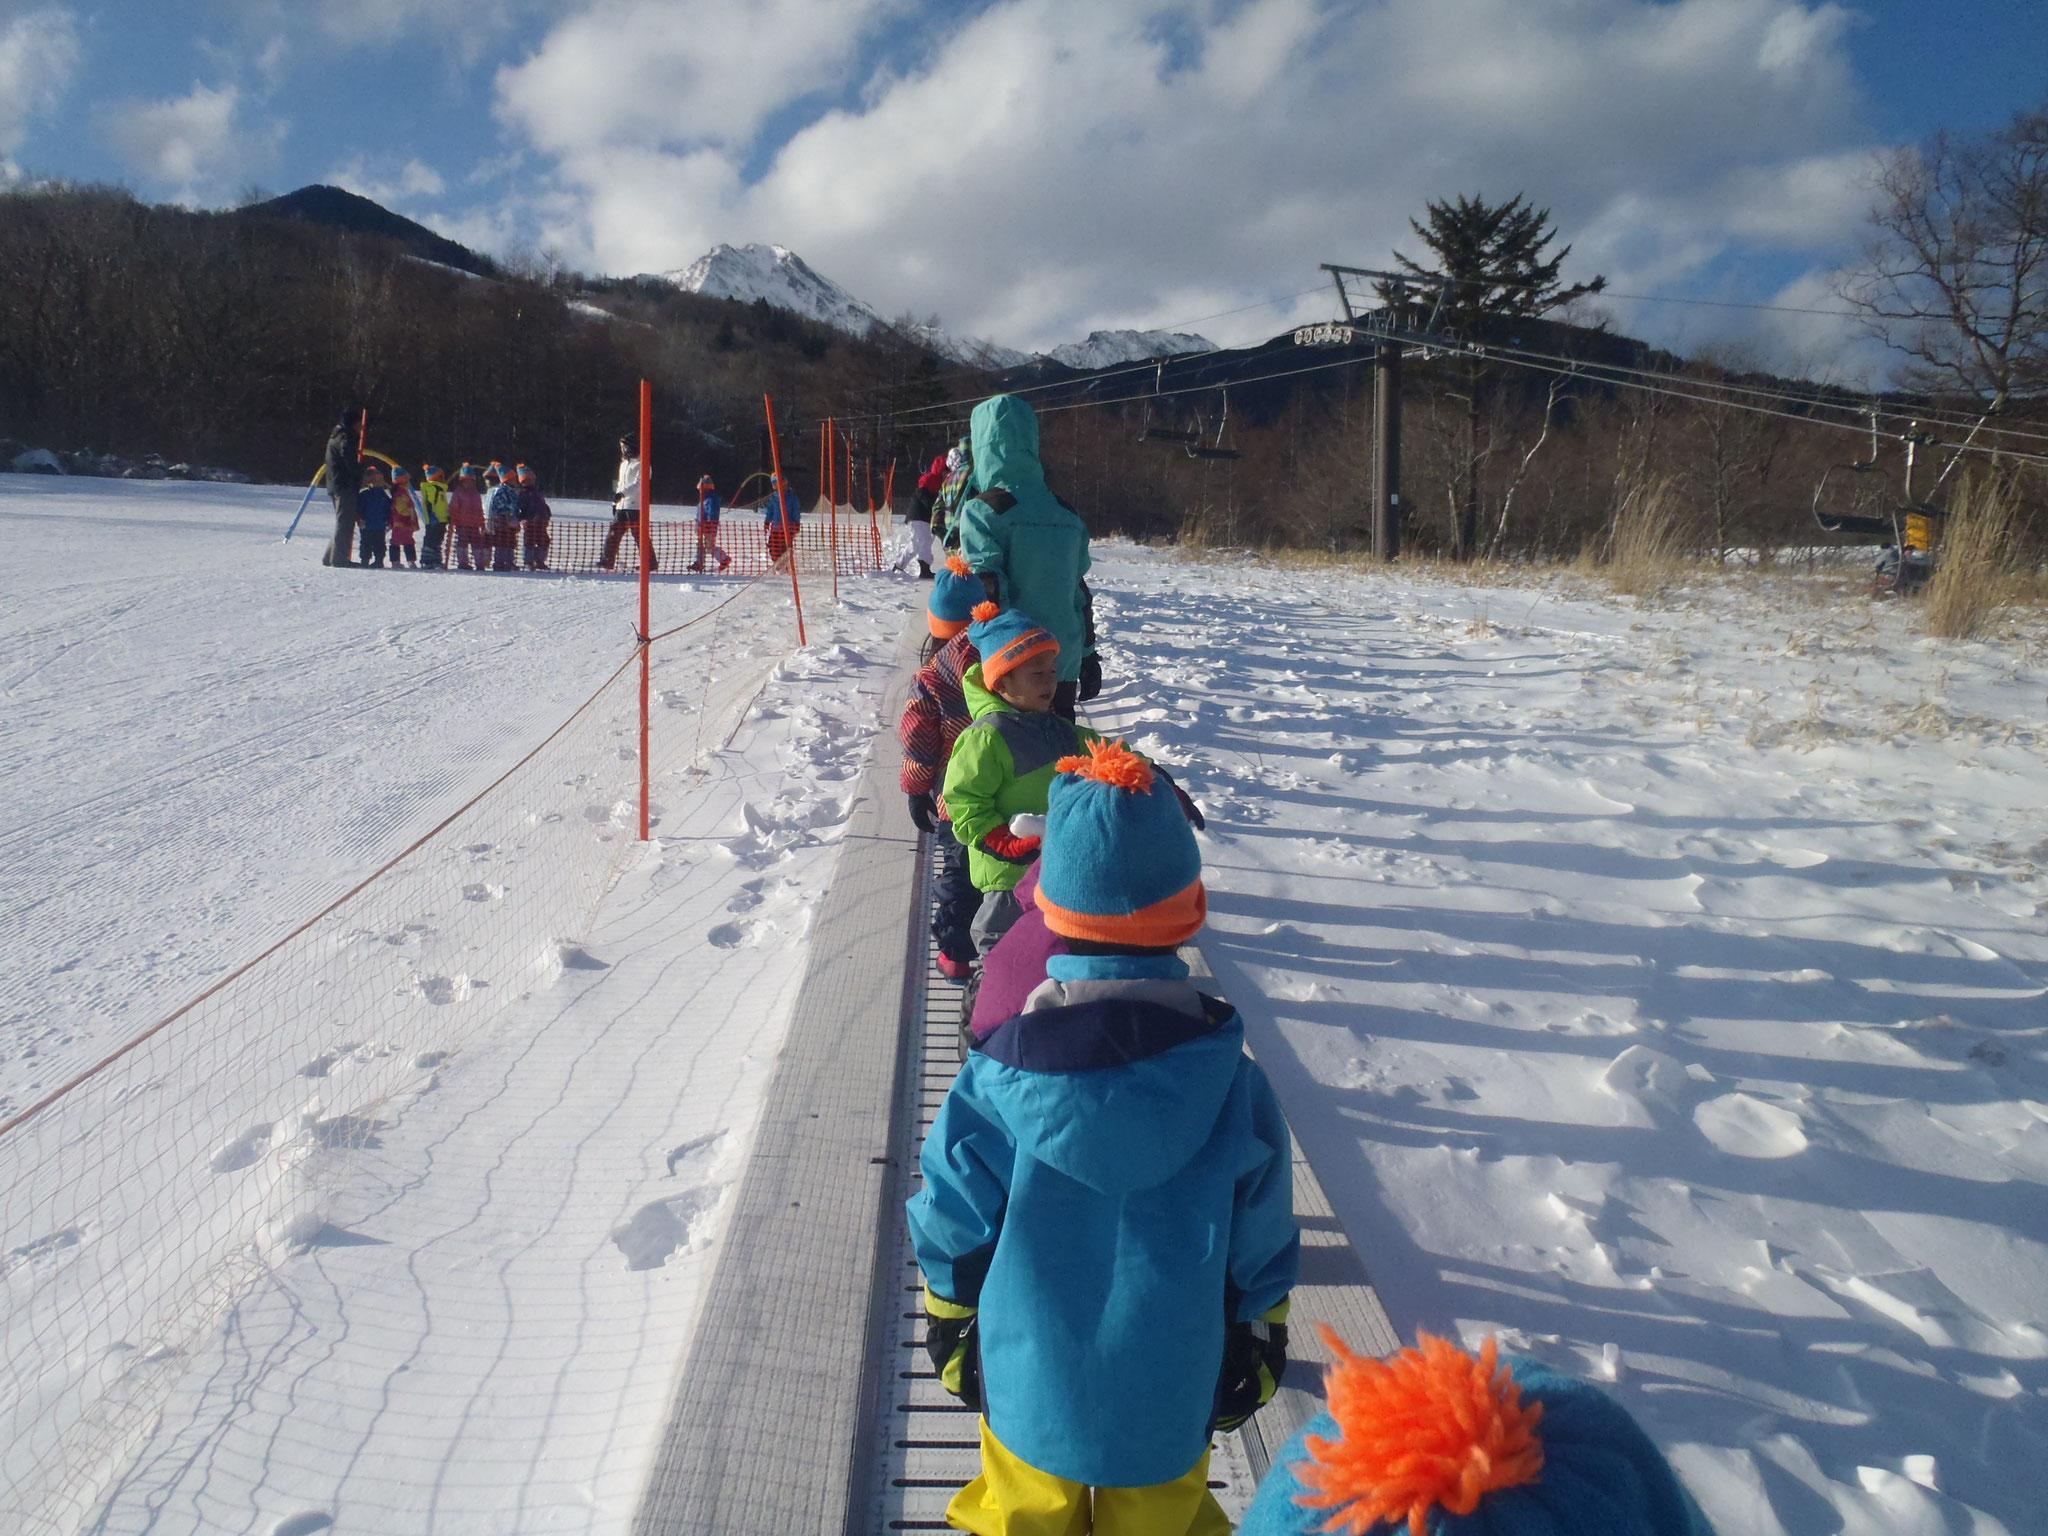 これからスキーに挑戦です